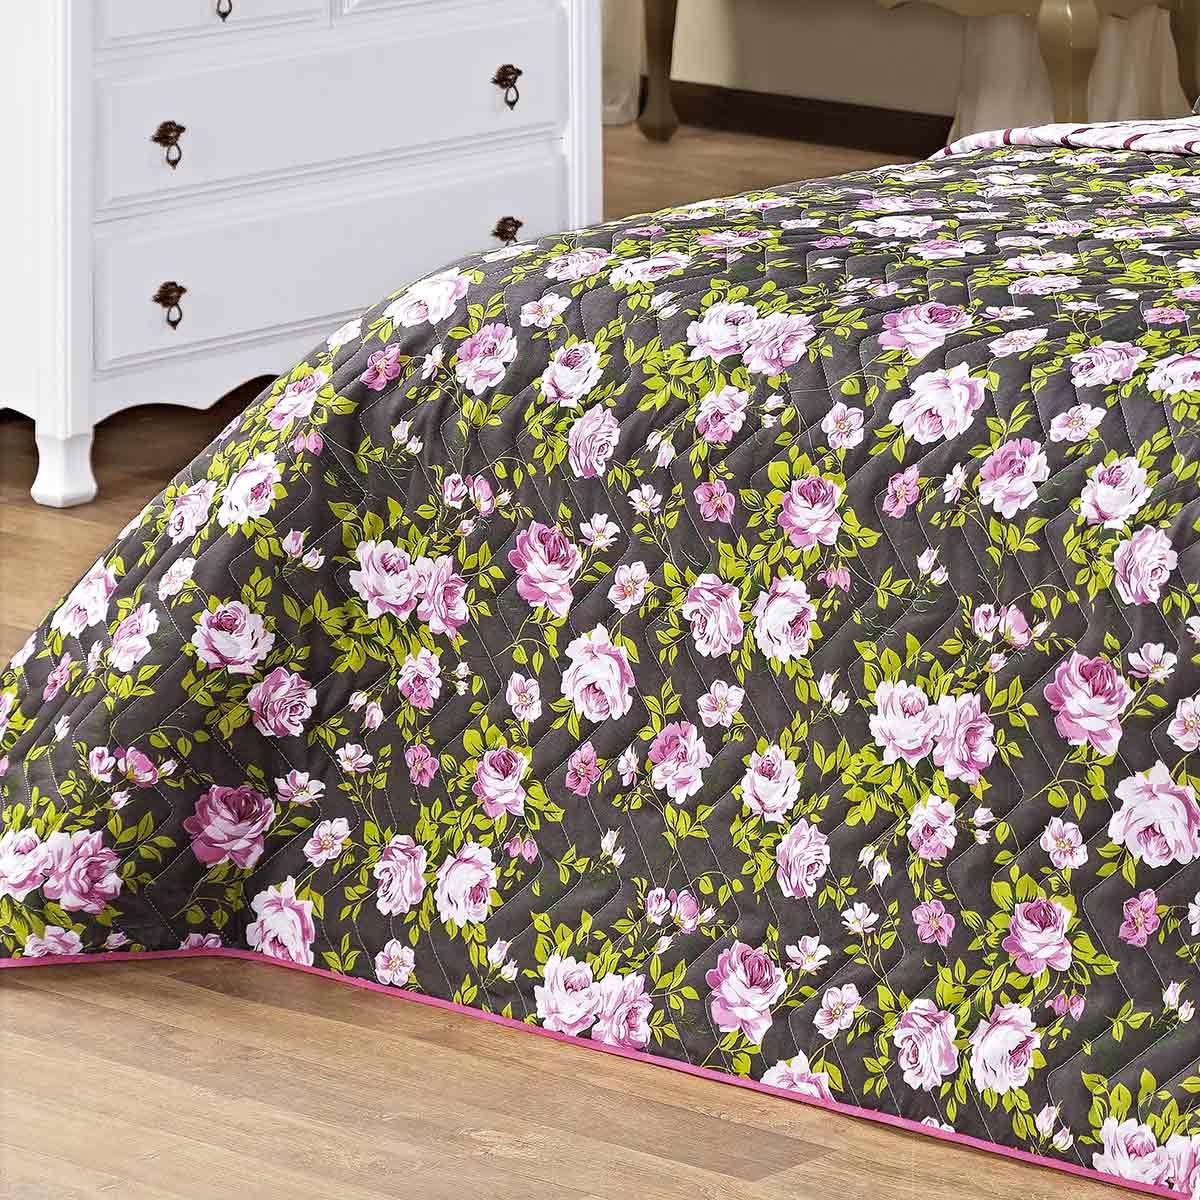 Kit Cobre Leito (Cobre Leito + Porta Travesseiro + Jogo de Lençol) Queen Siena Rosa Floral Rosa Floral com 9 peças